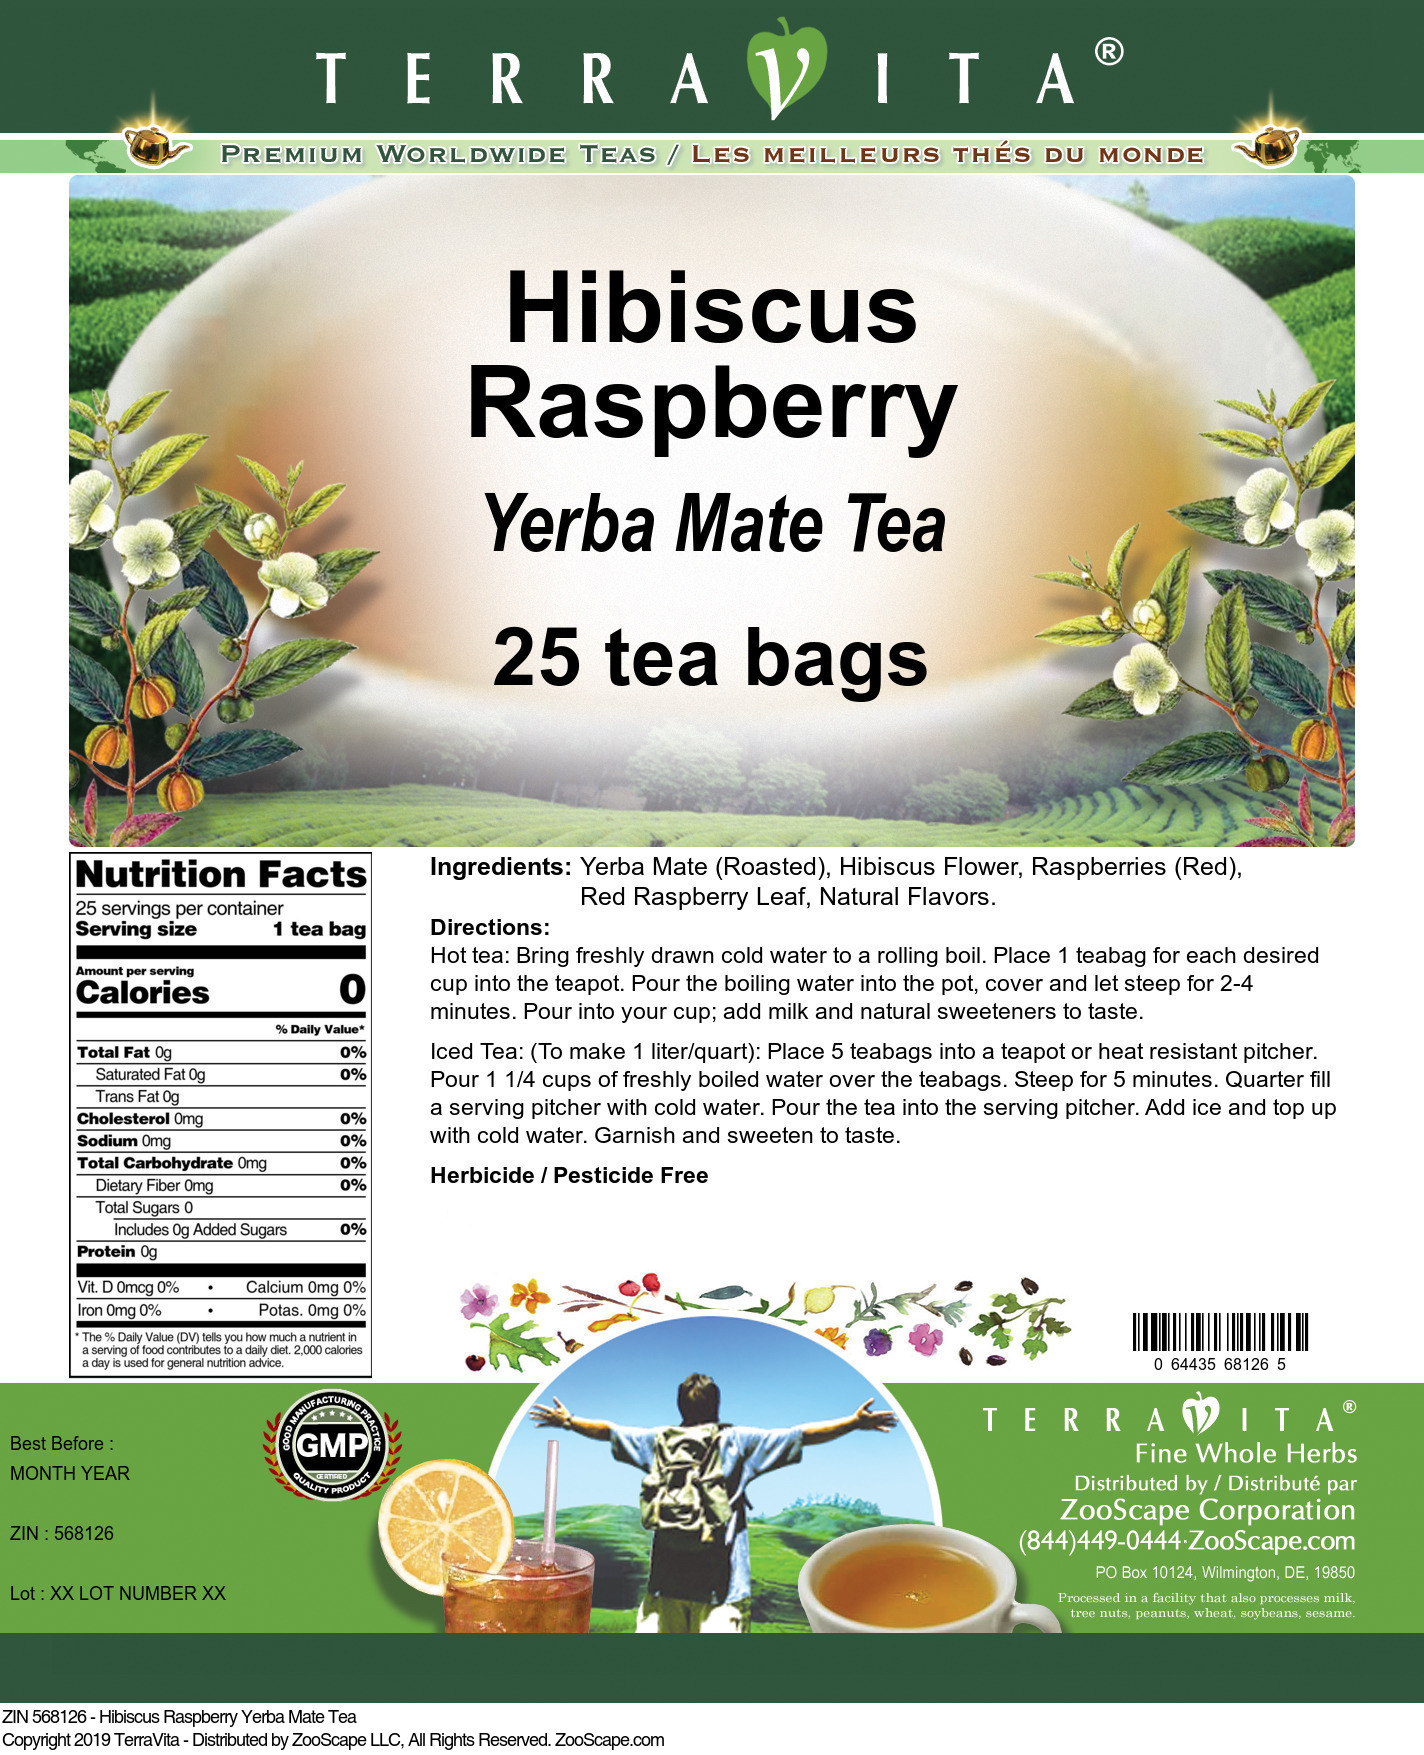 Hibiscus Raspberry Yerba Mate Tea